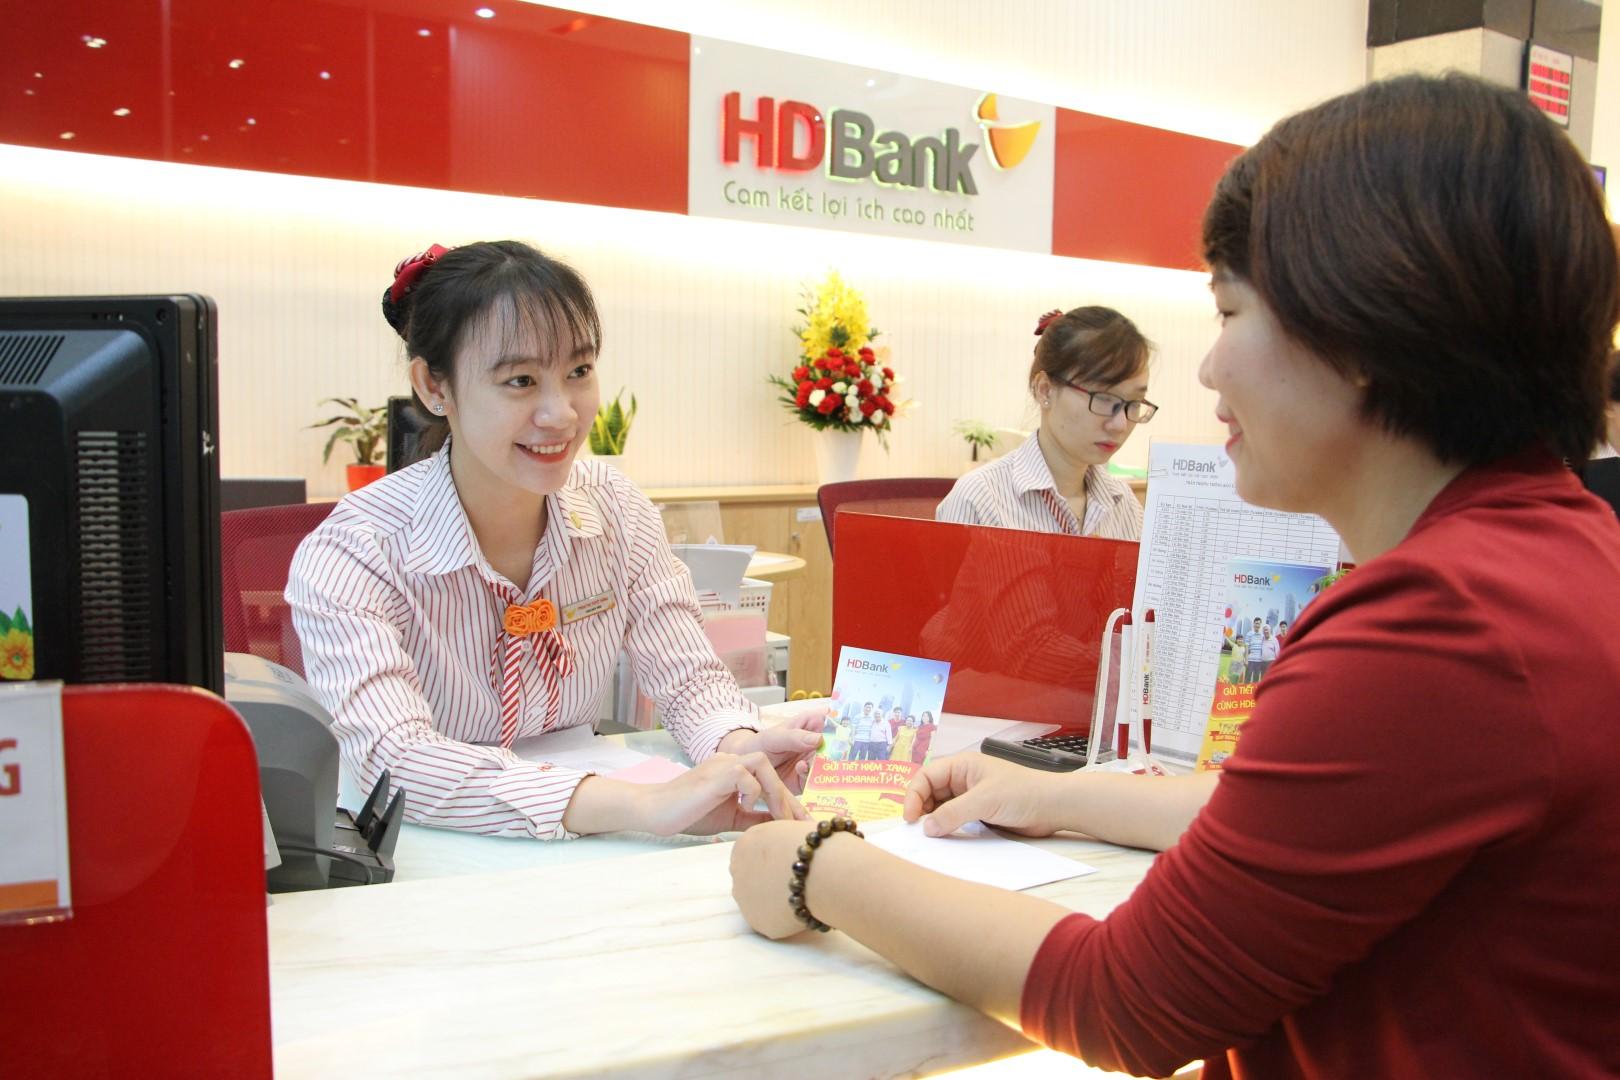 HDBank mua lại hơn 8.500 tỷ đồng trái phiếu